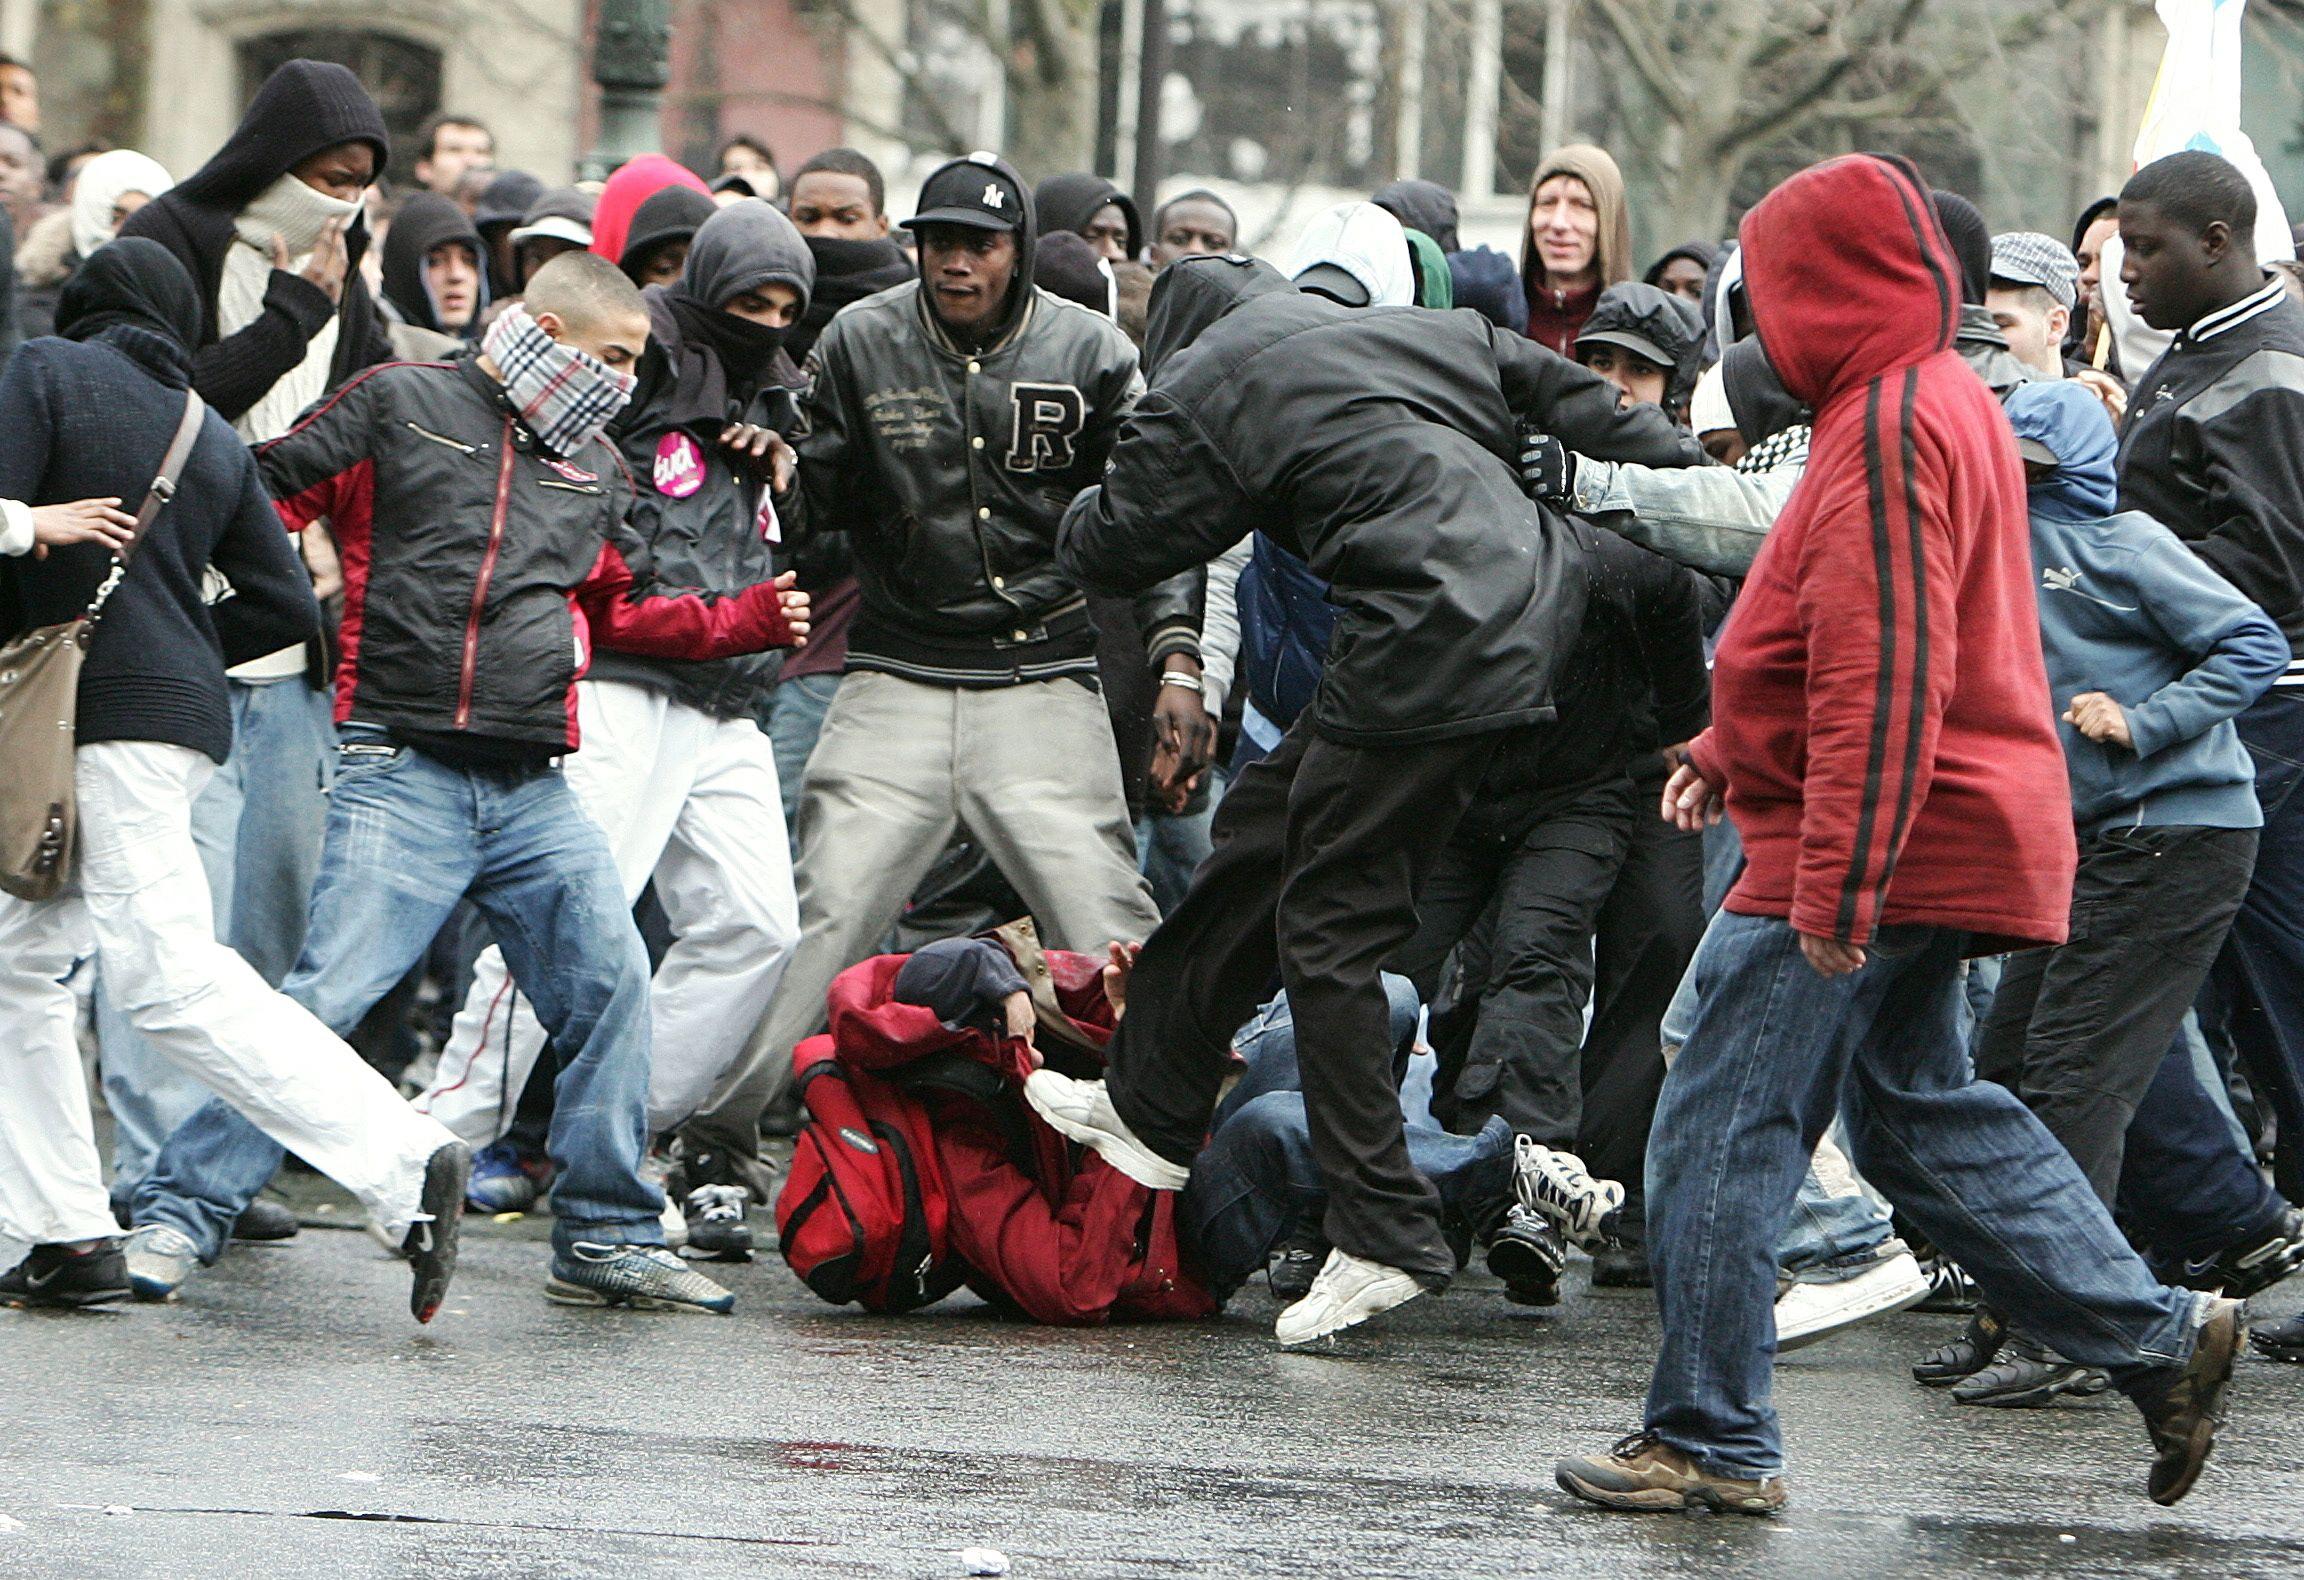 Les personnes exposées à la violence auraient plus de risques de devenir, à leur tour, plus violentes que les autres